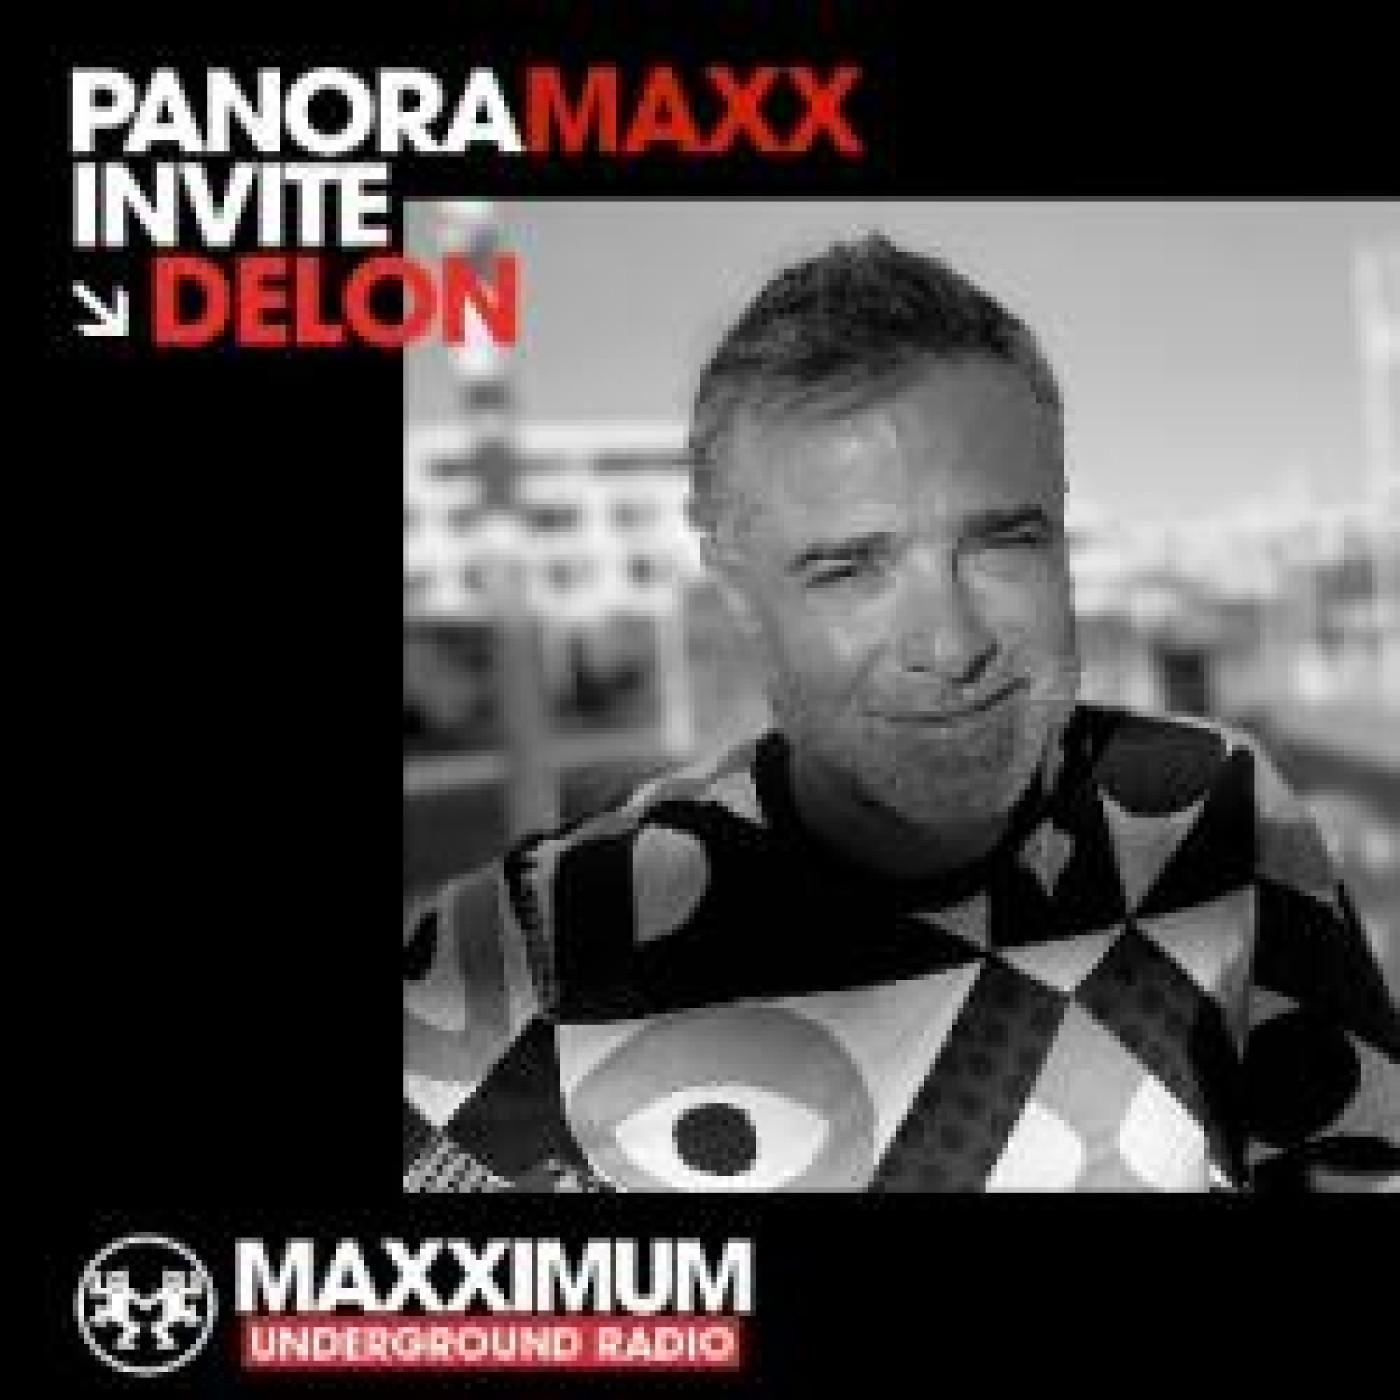 PANORAMAXX : DELON